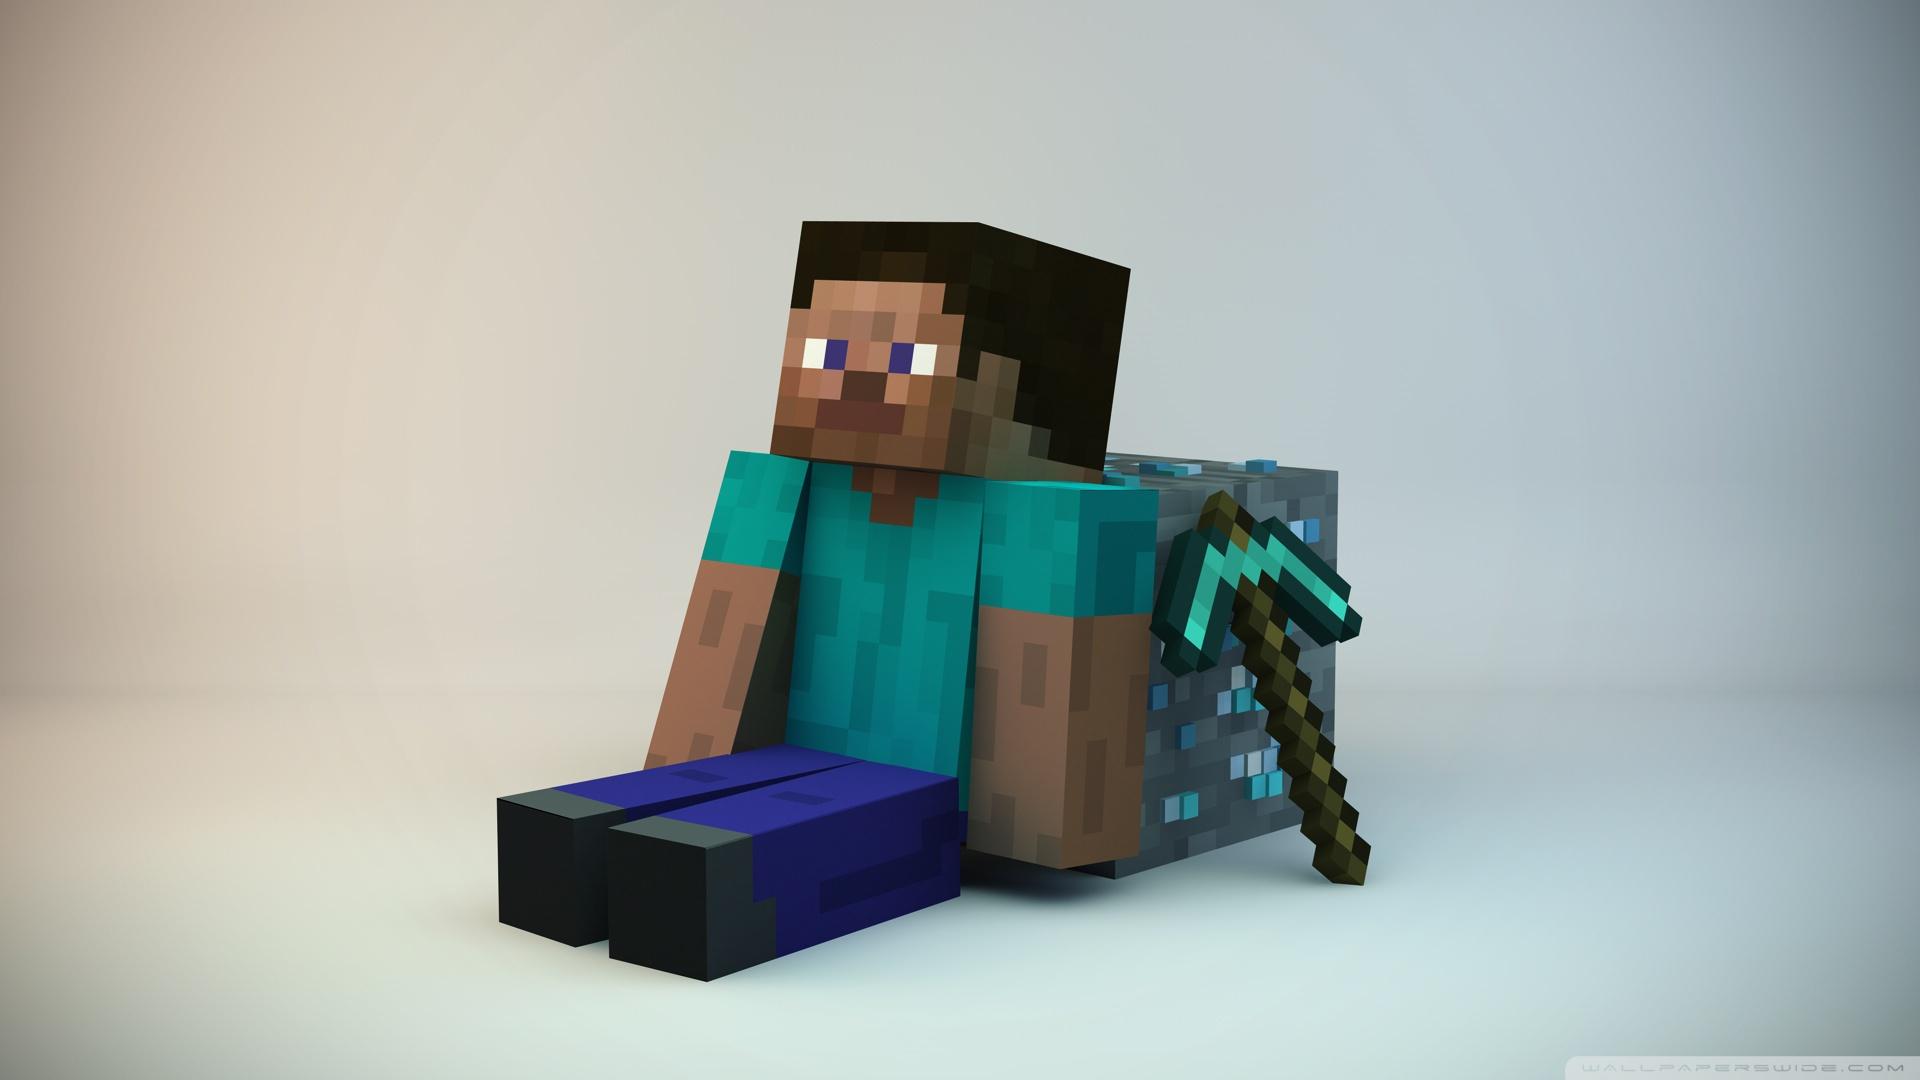 Image  MinecraftStevePicturesHDWallpaperjpg  Minecraft Wiki